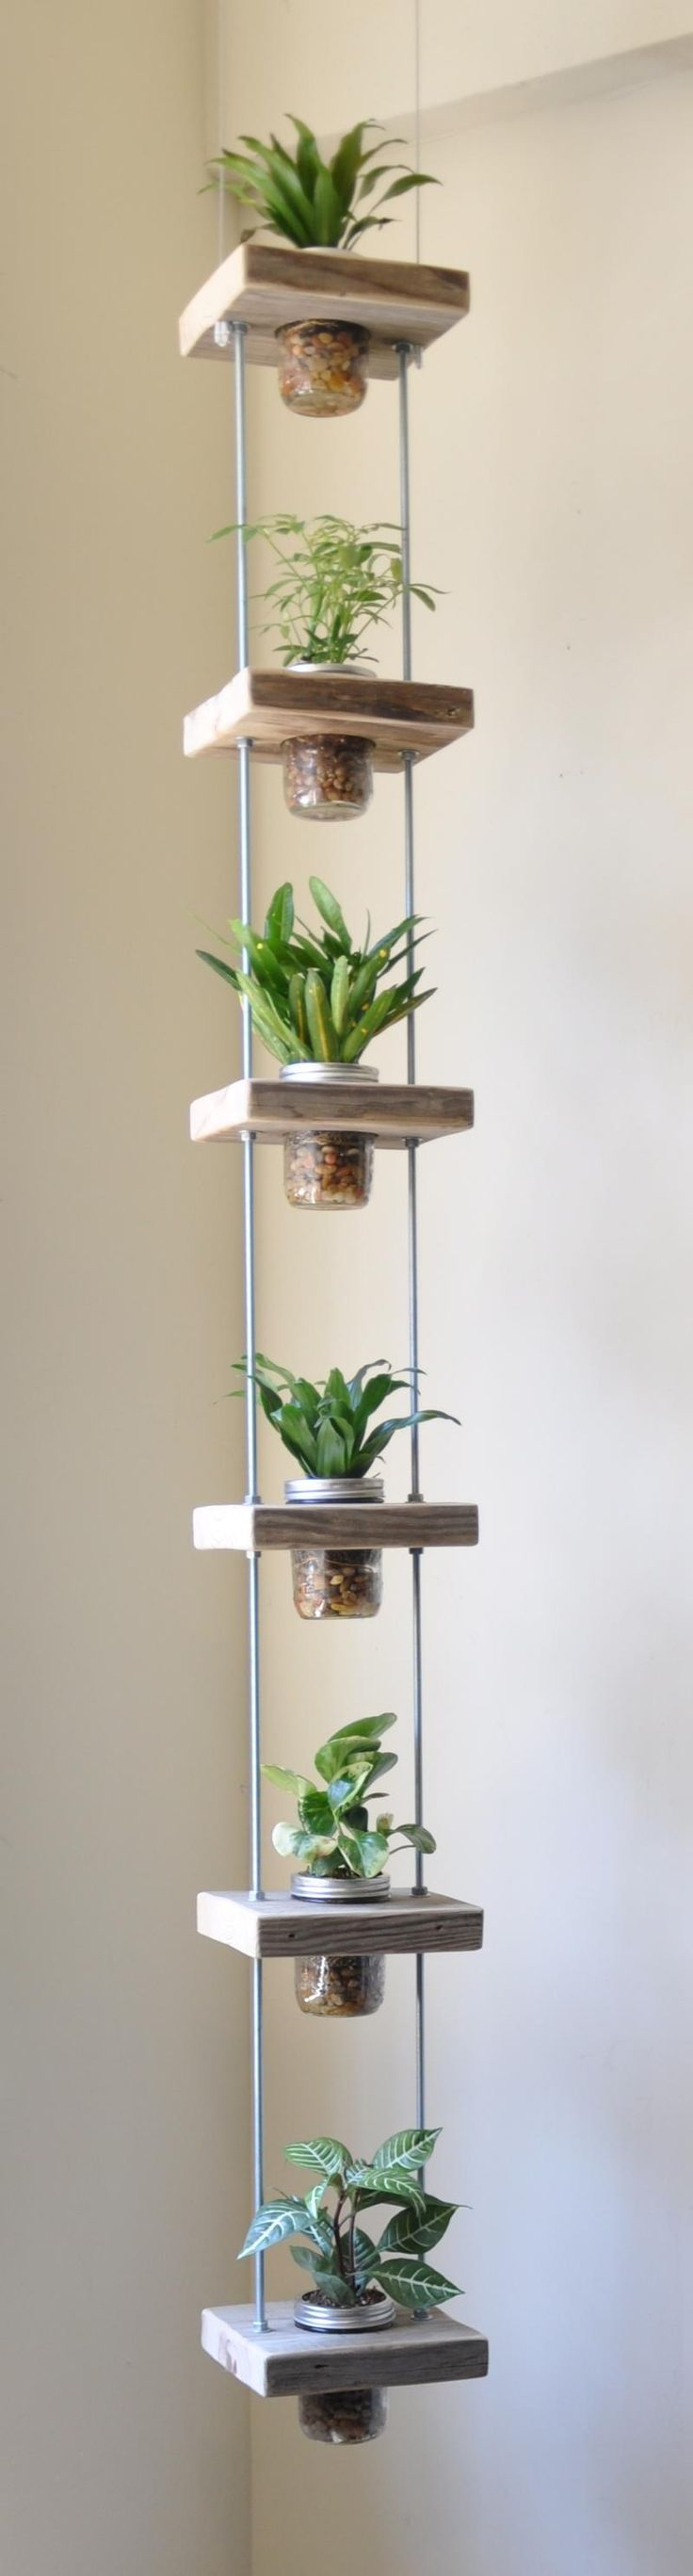 Diy decoraciones con plantas para tu hogar 20 curso de for Decoraciones para tu hogar